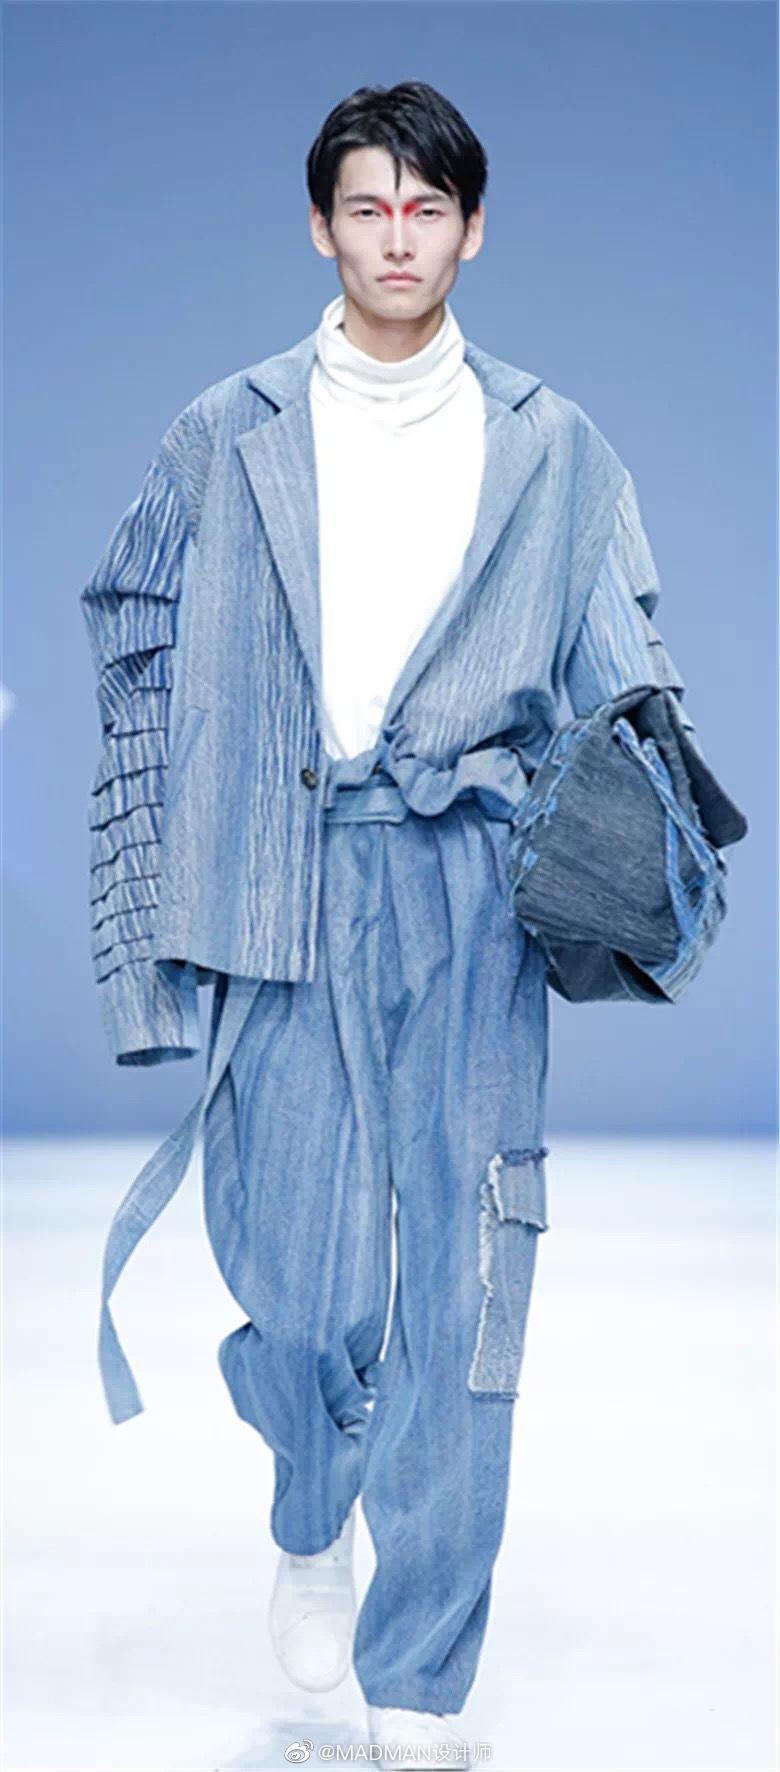 中国国际大学生时装周@江西服装学院服装报 @江西服装图片